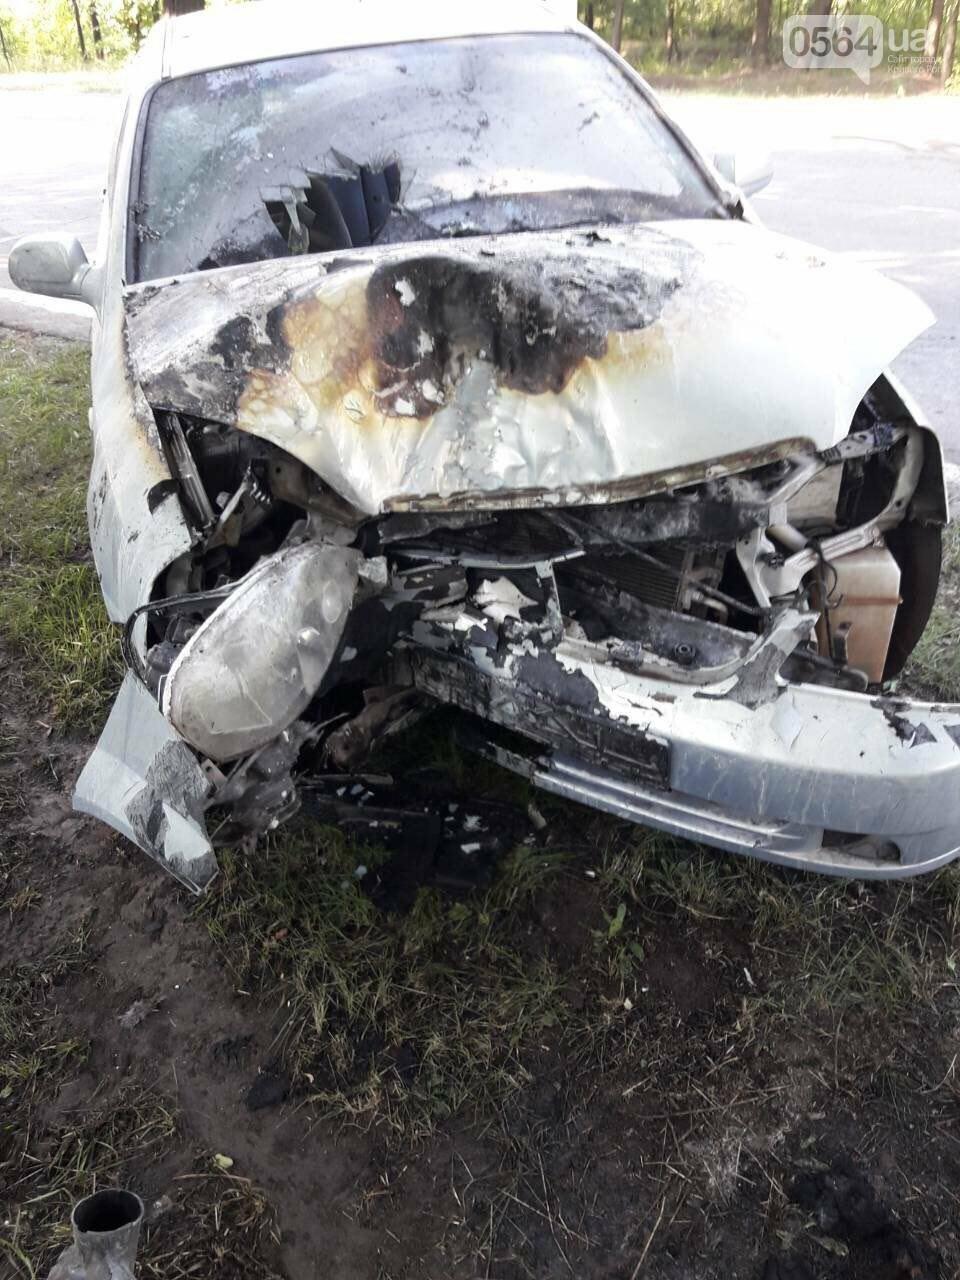 Стало известно, какие травмы получили двое подростков, которые попали в жуткое ДТП в Кривом Роге, - ФОТО, фото-4